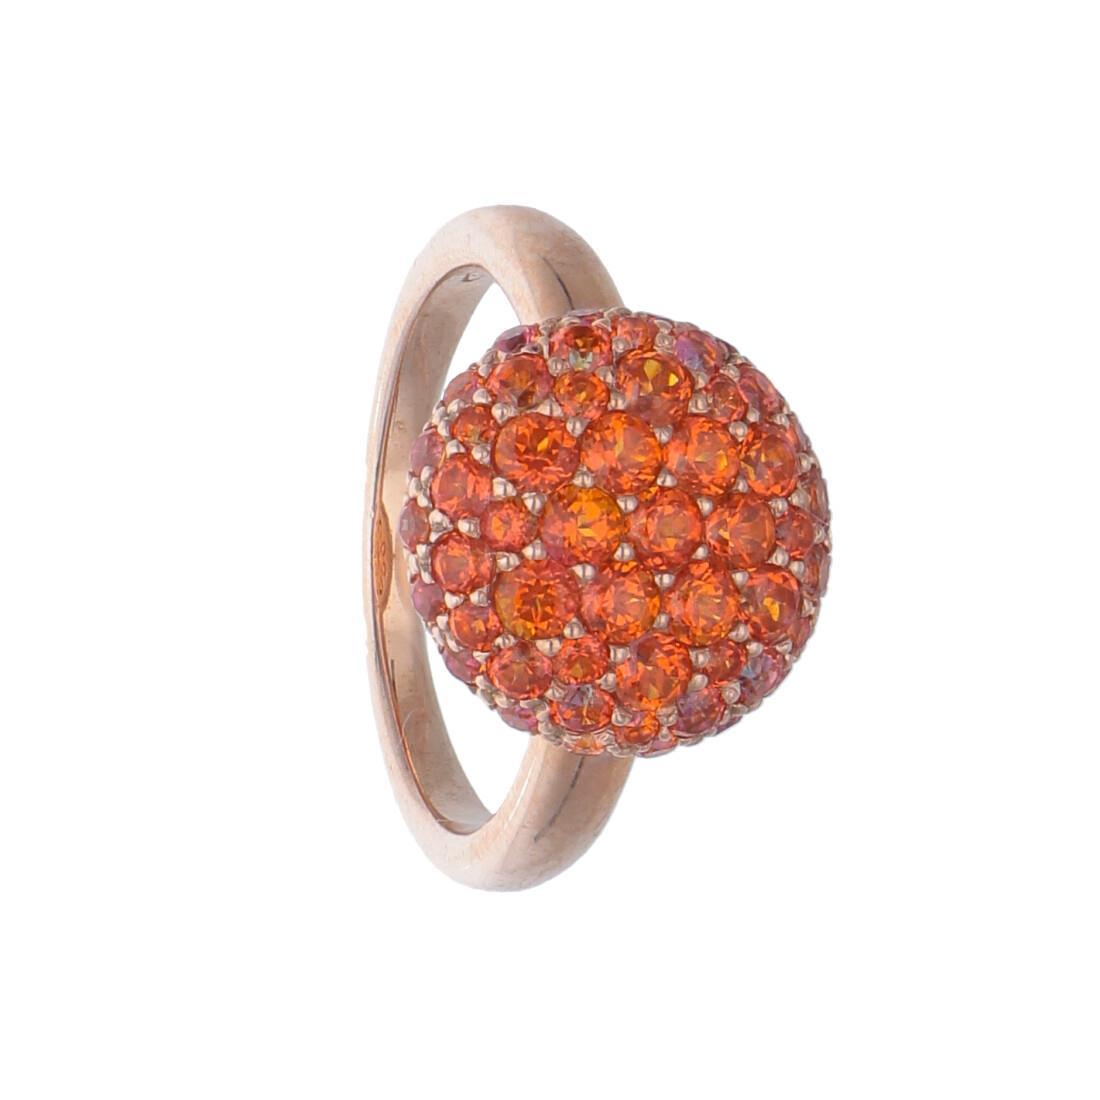 Anello design con topazio arancione - ROBERTO DEMEGLIO